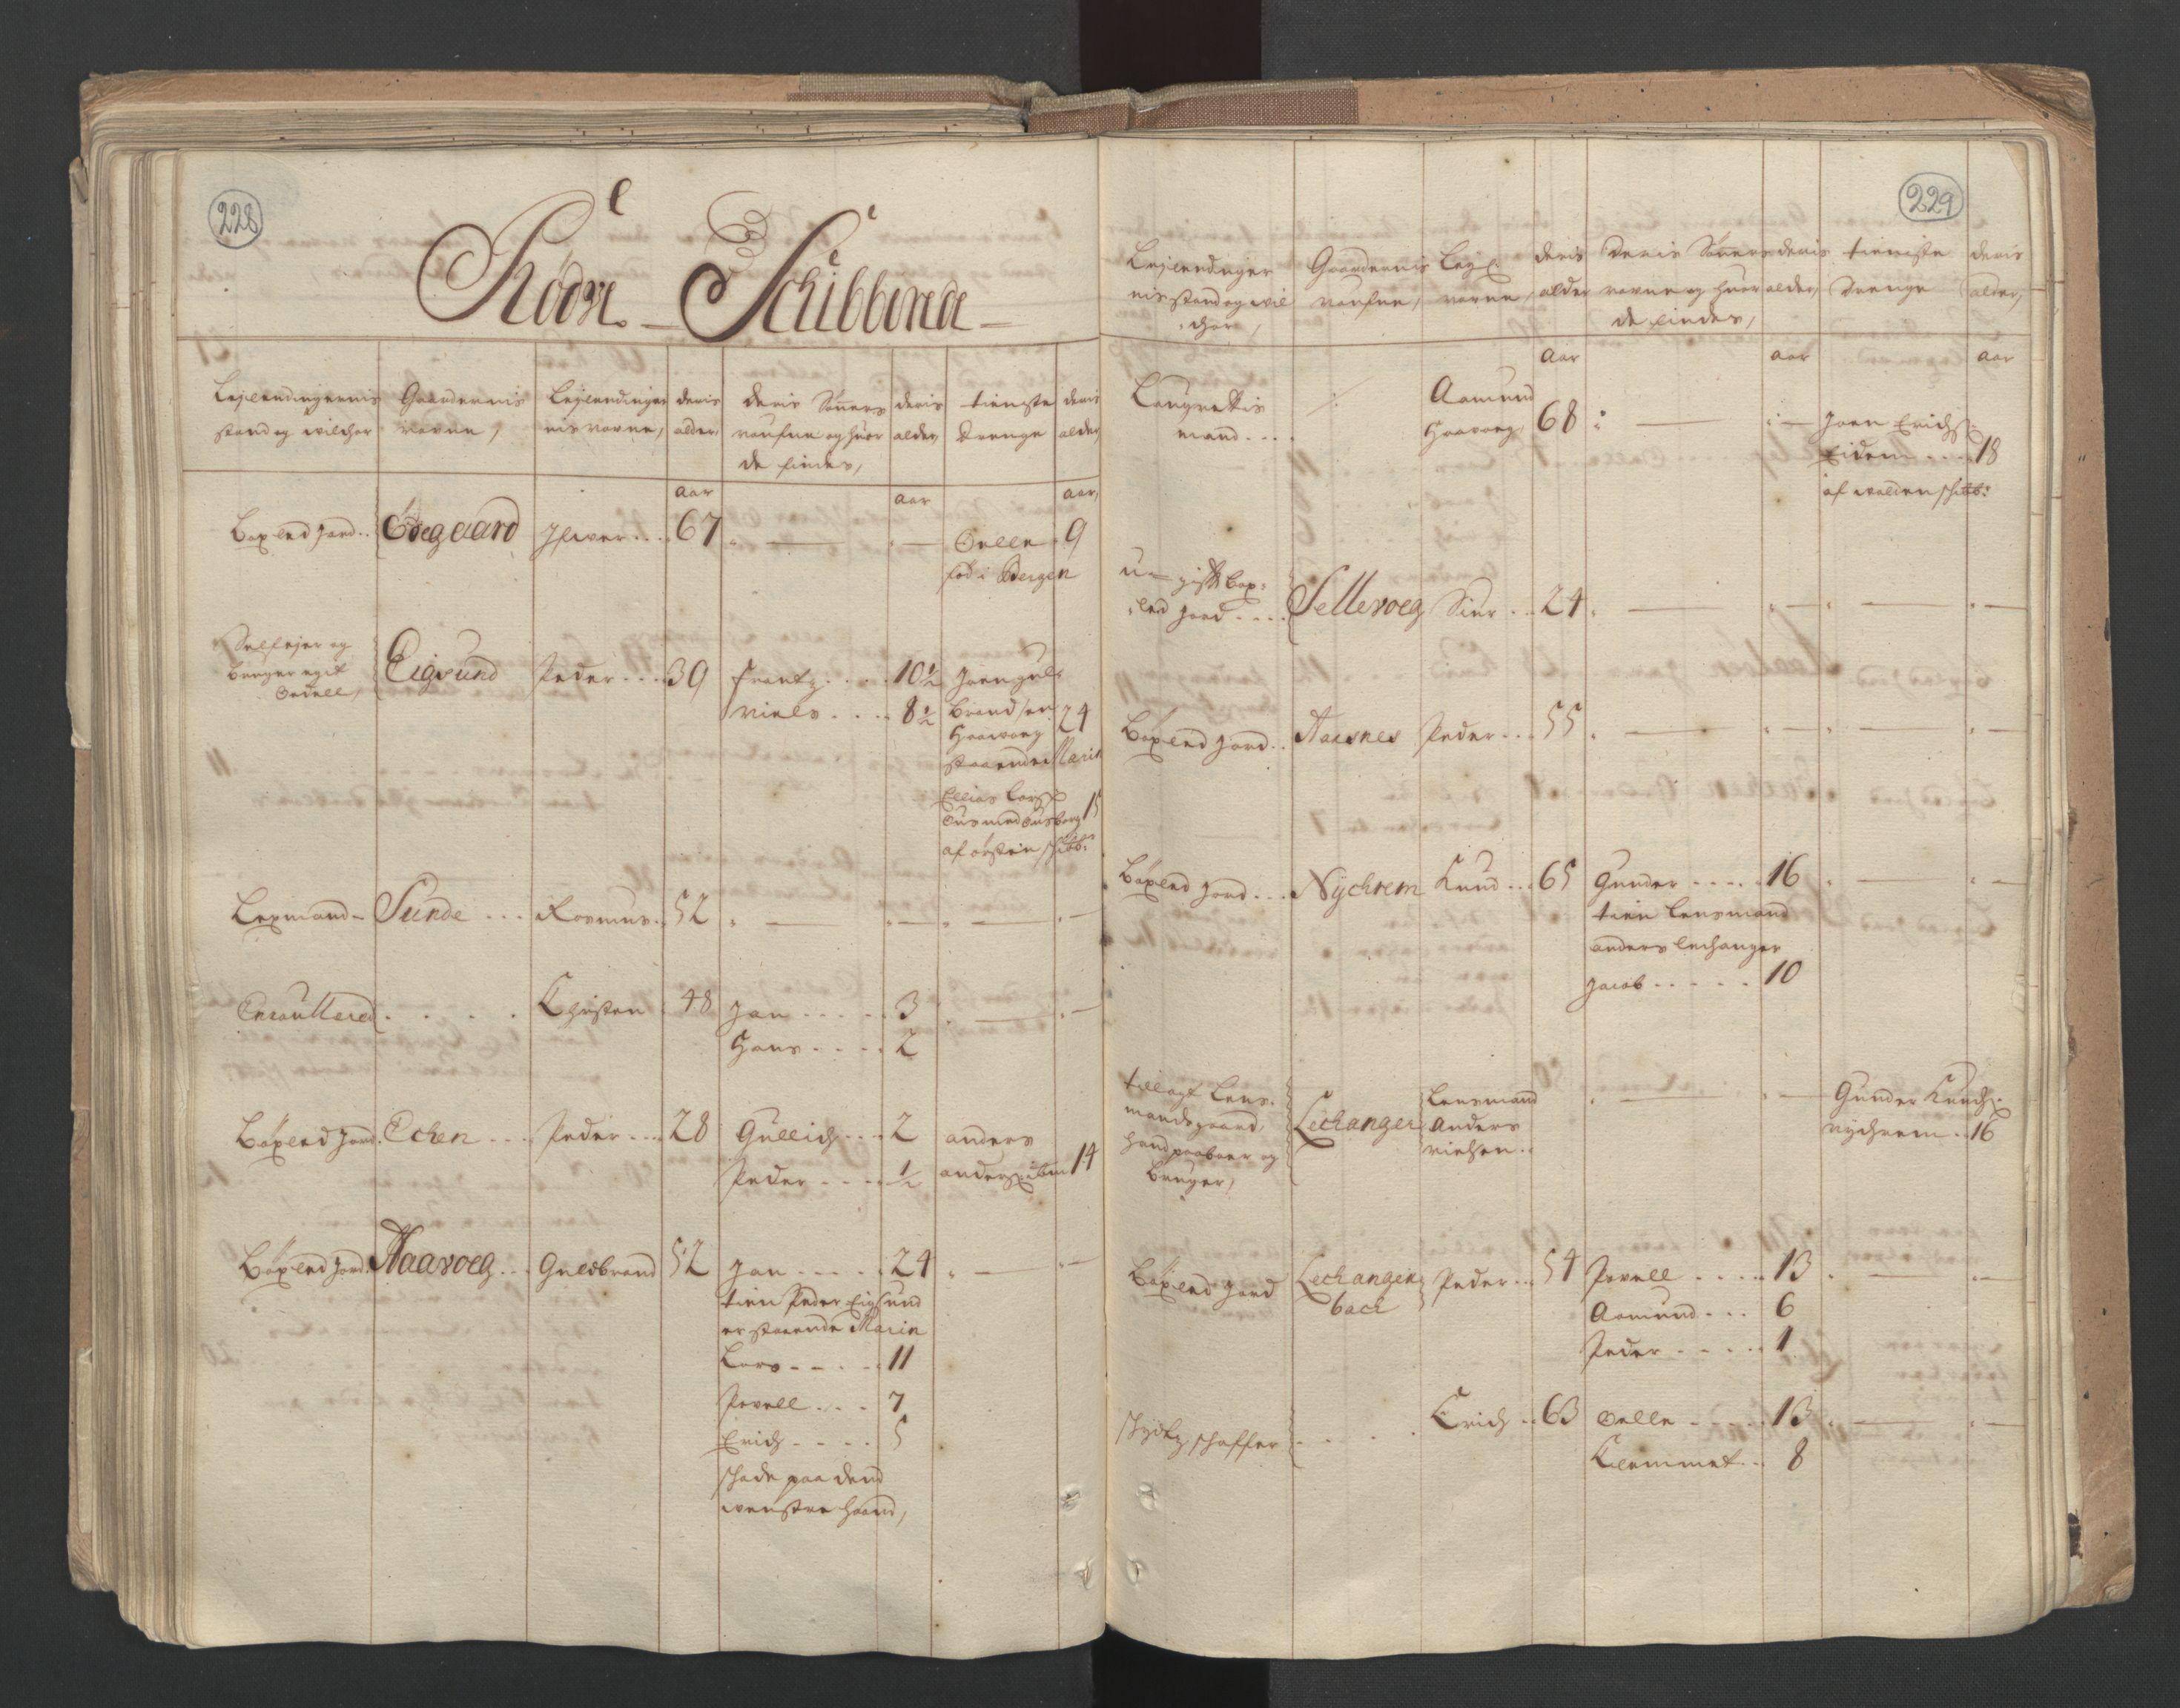 RA, Manntallet 1701, nr. 10: Sunnmøre fogderi, 1701, s. 228-229